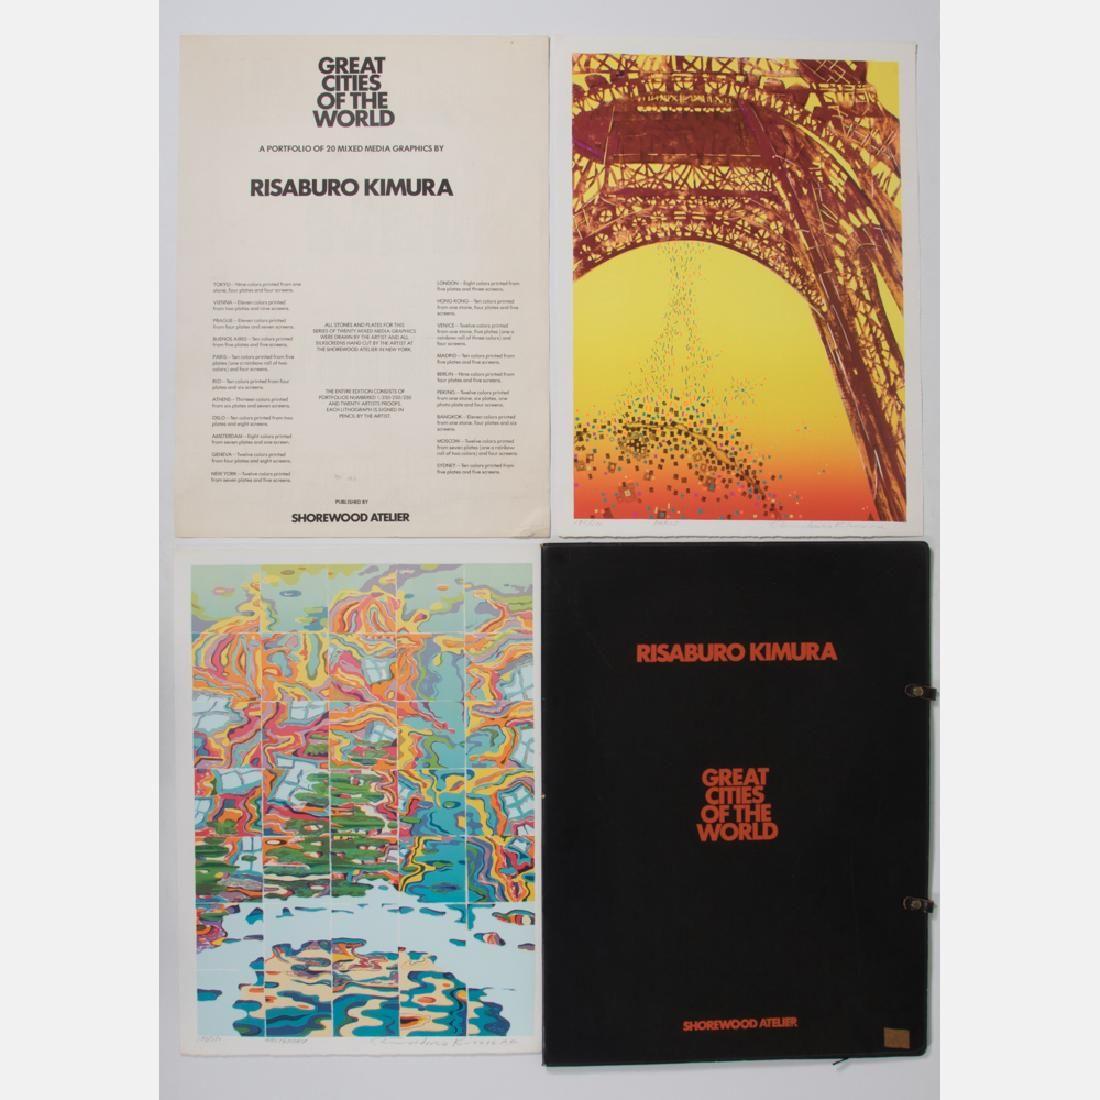 Risaburo Kimura (b. 1924) Great Cities of the World,